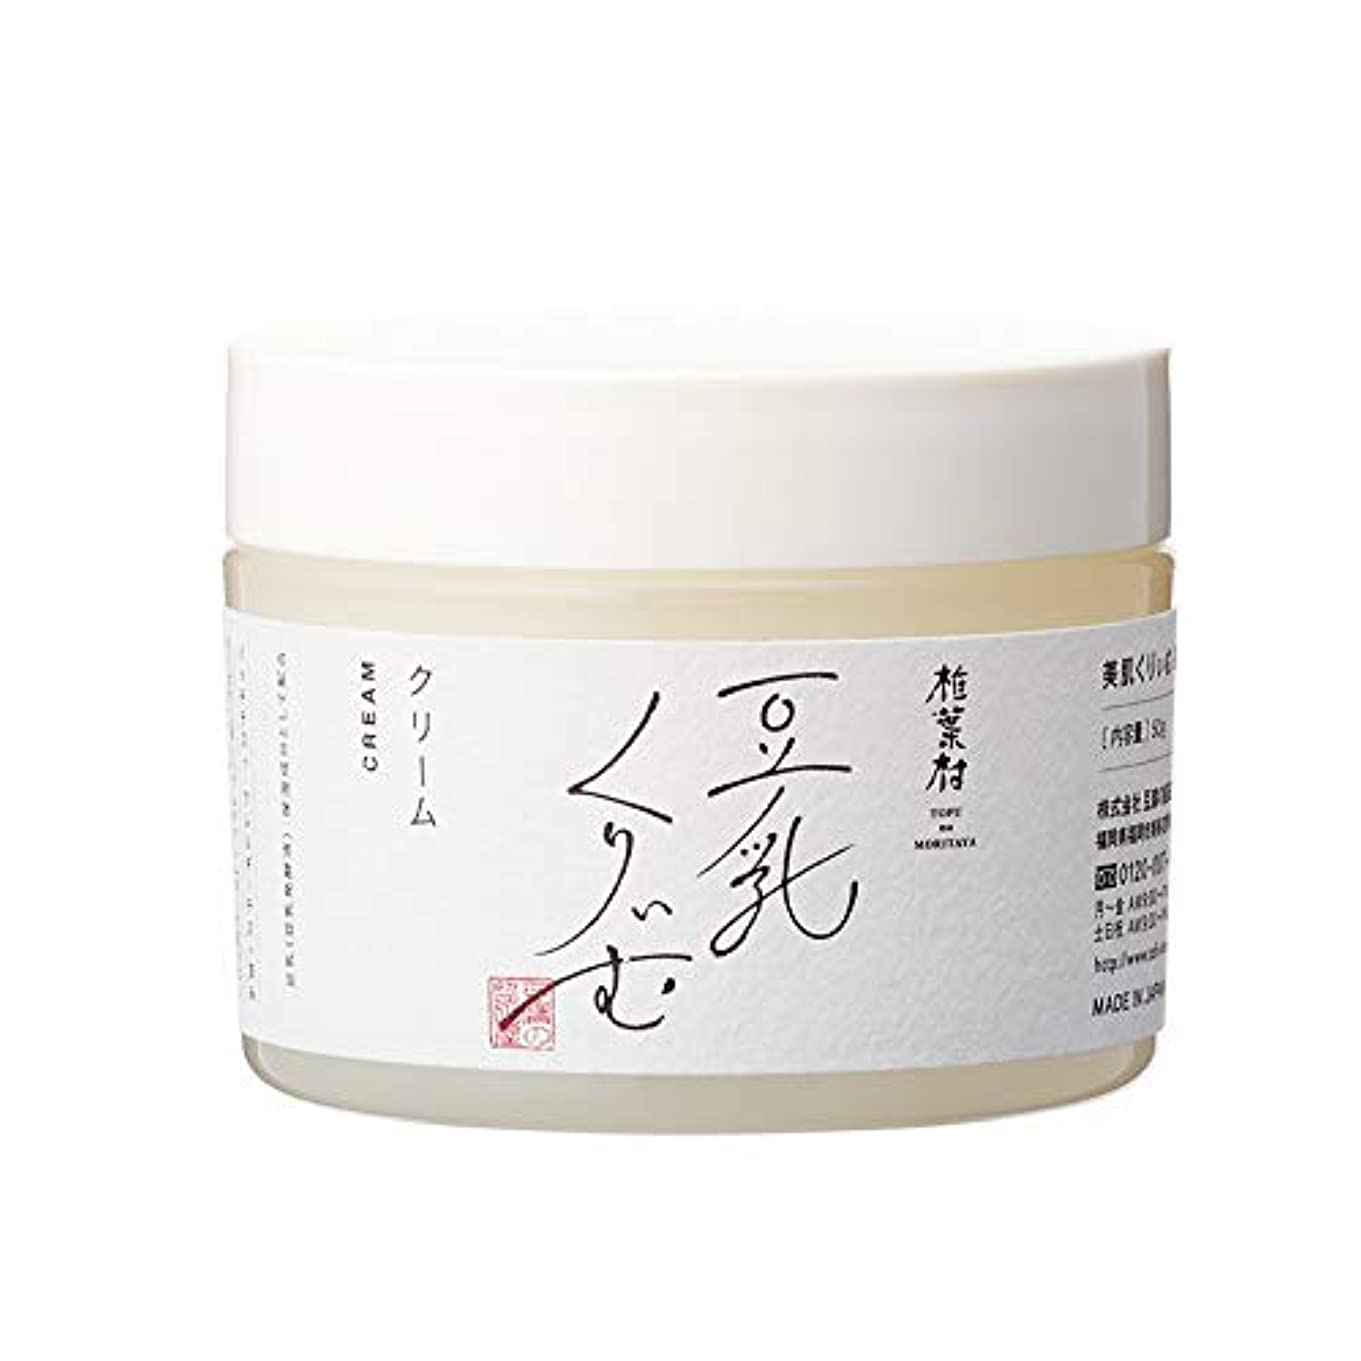 平和的ダブル受取人豆腐の盛田屋 豆乳くりぃむ 自然生活 50g